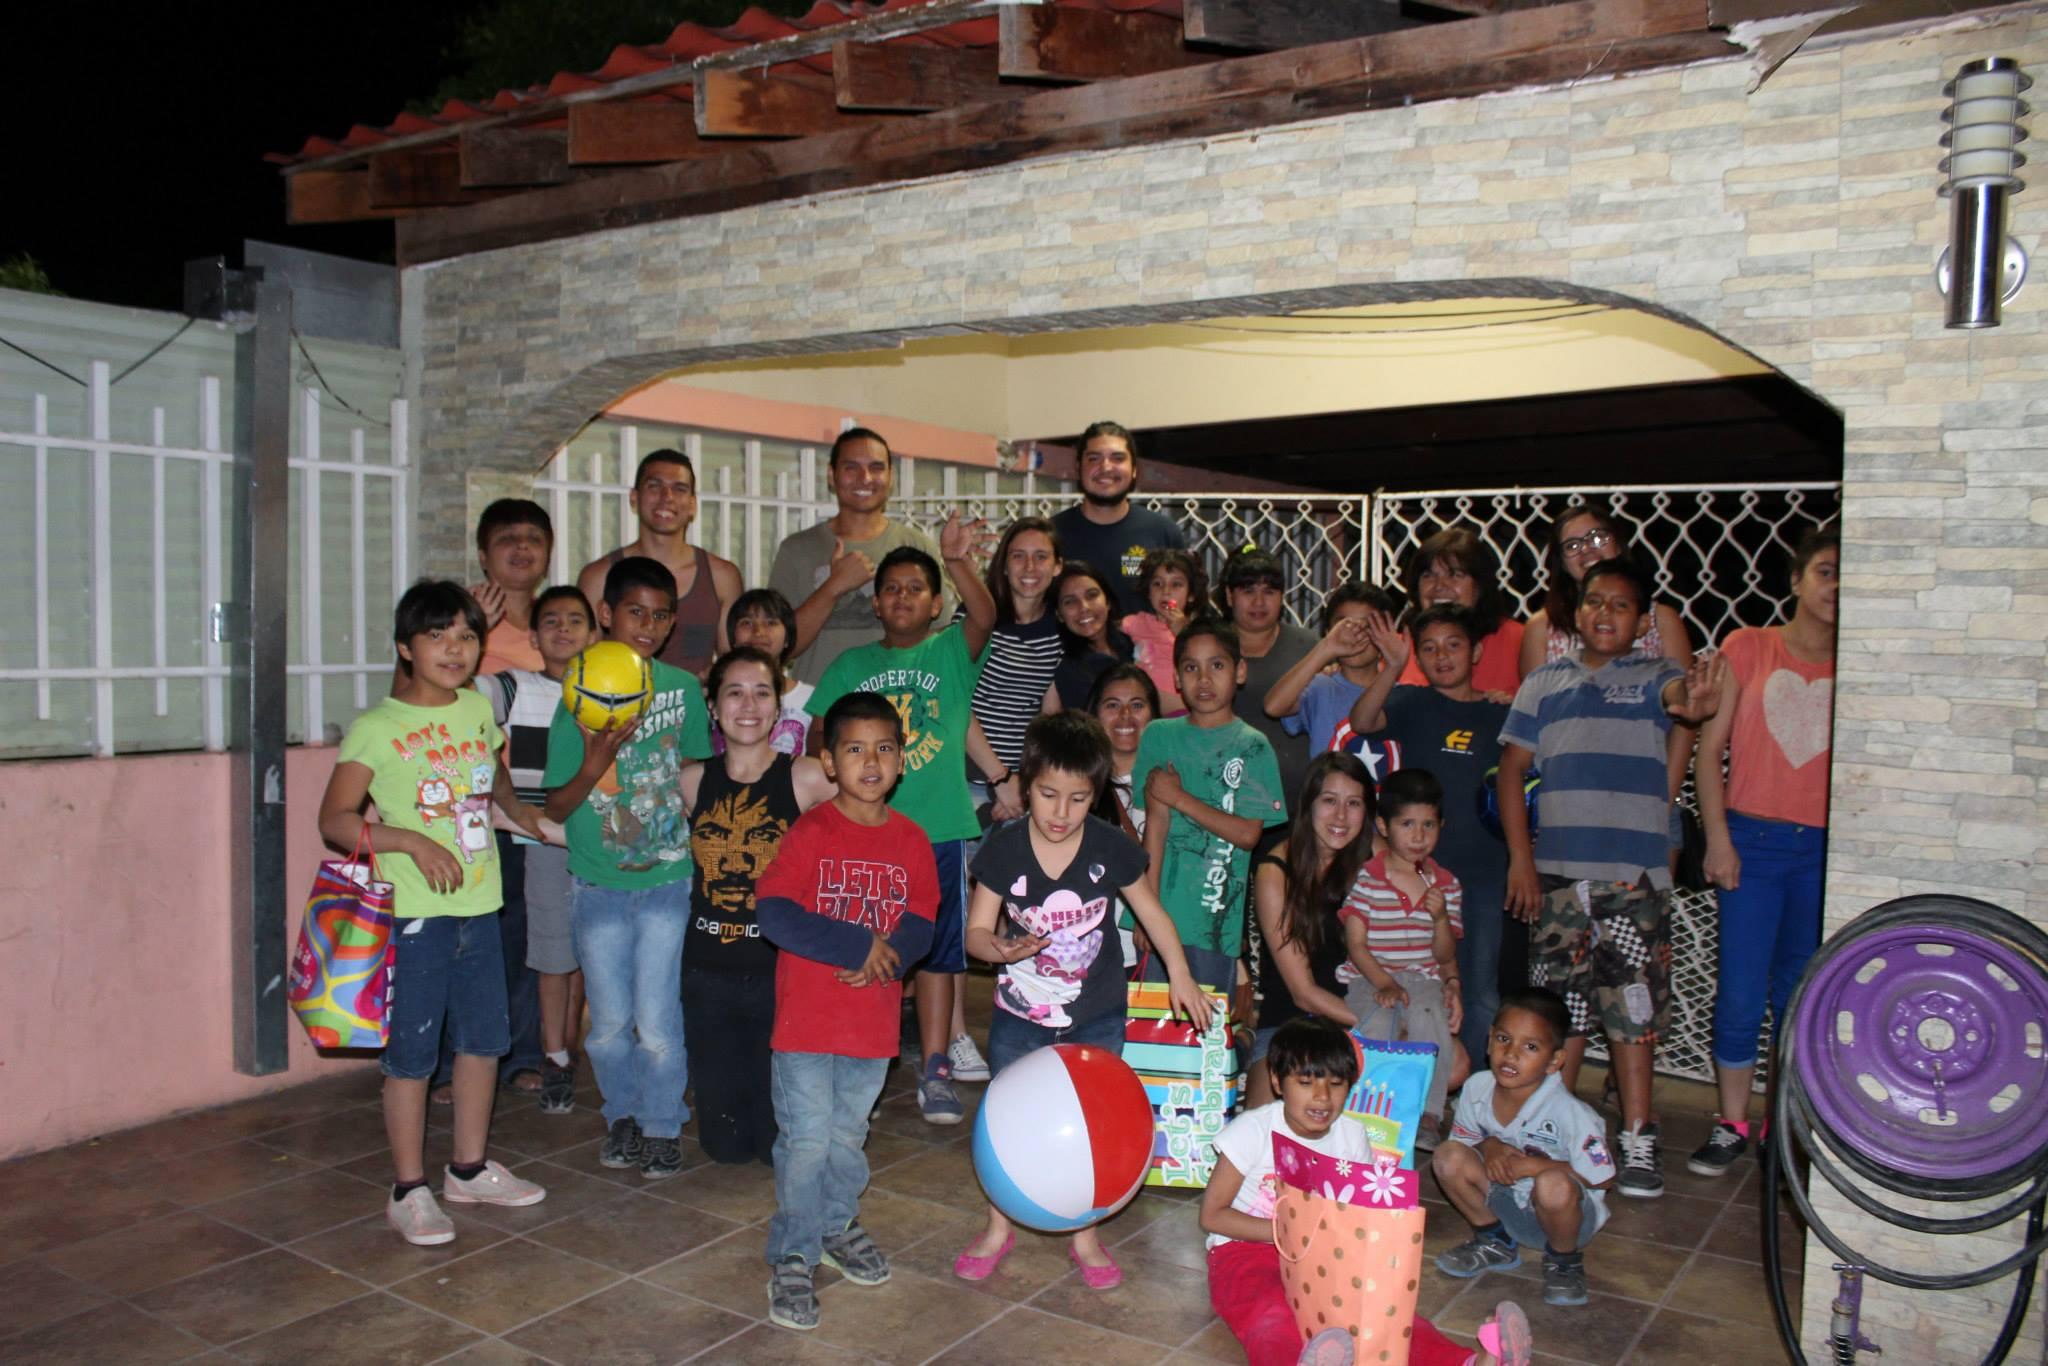 2015 Group from La Sierra University